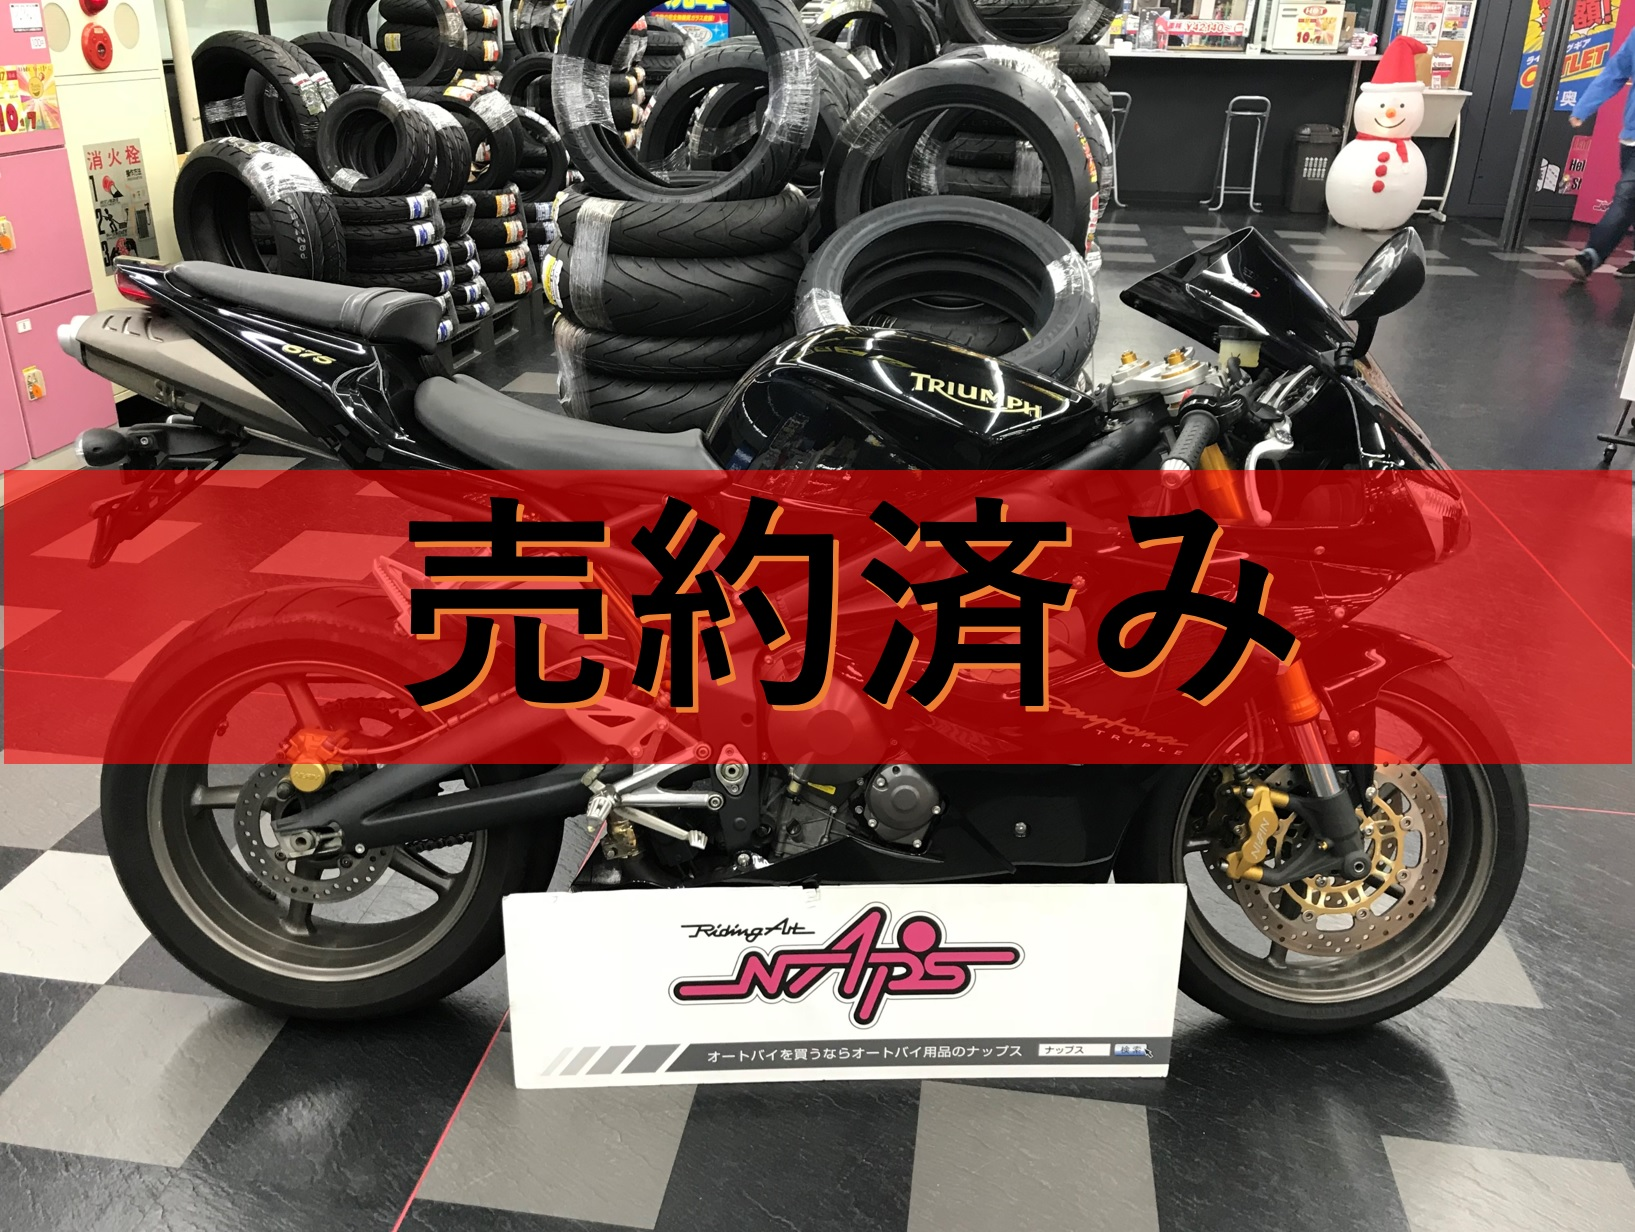 【販売車両】トライアンフ デイトナ675 ETC